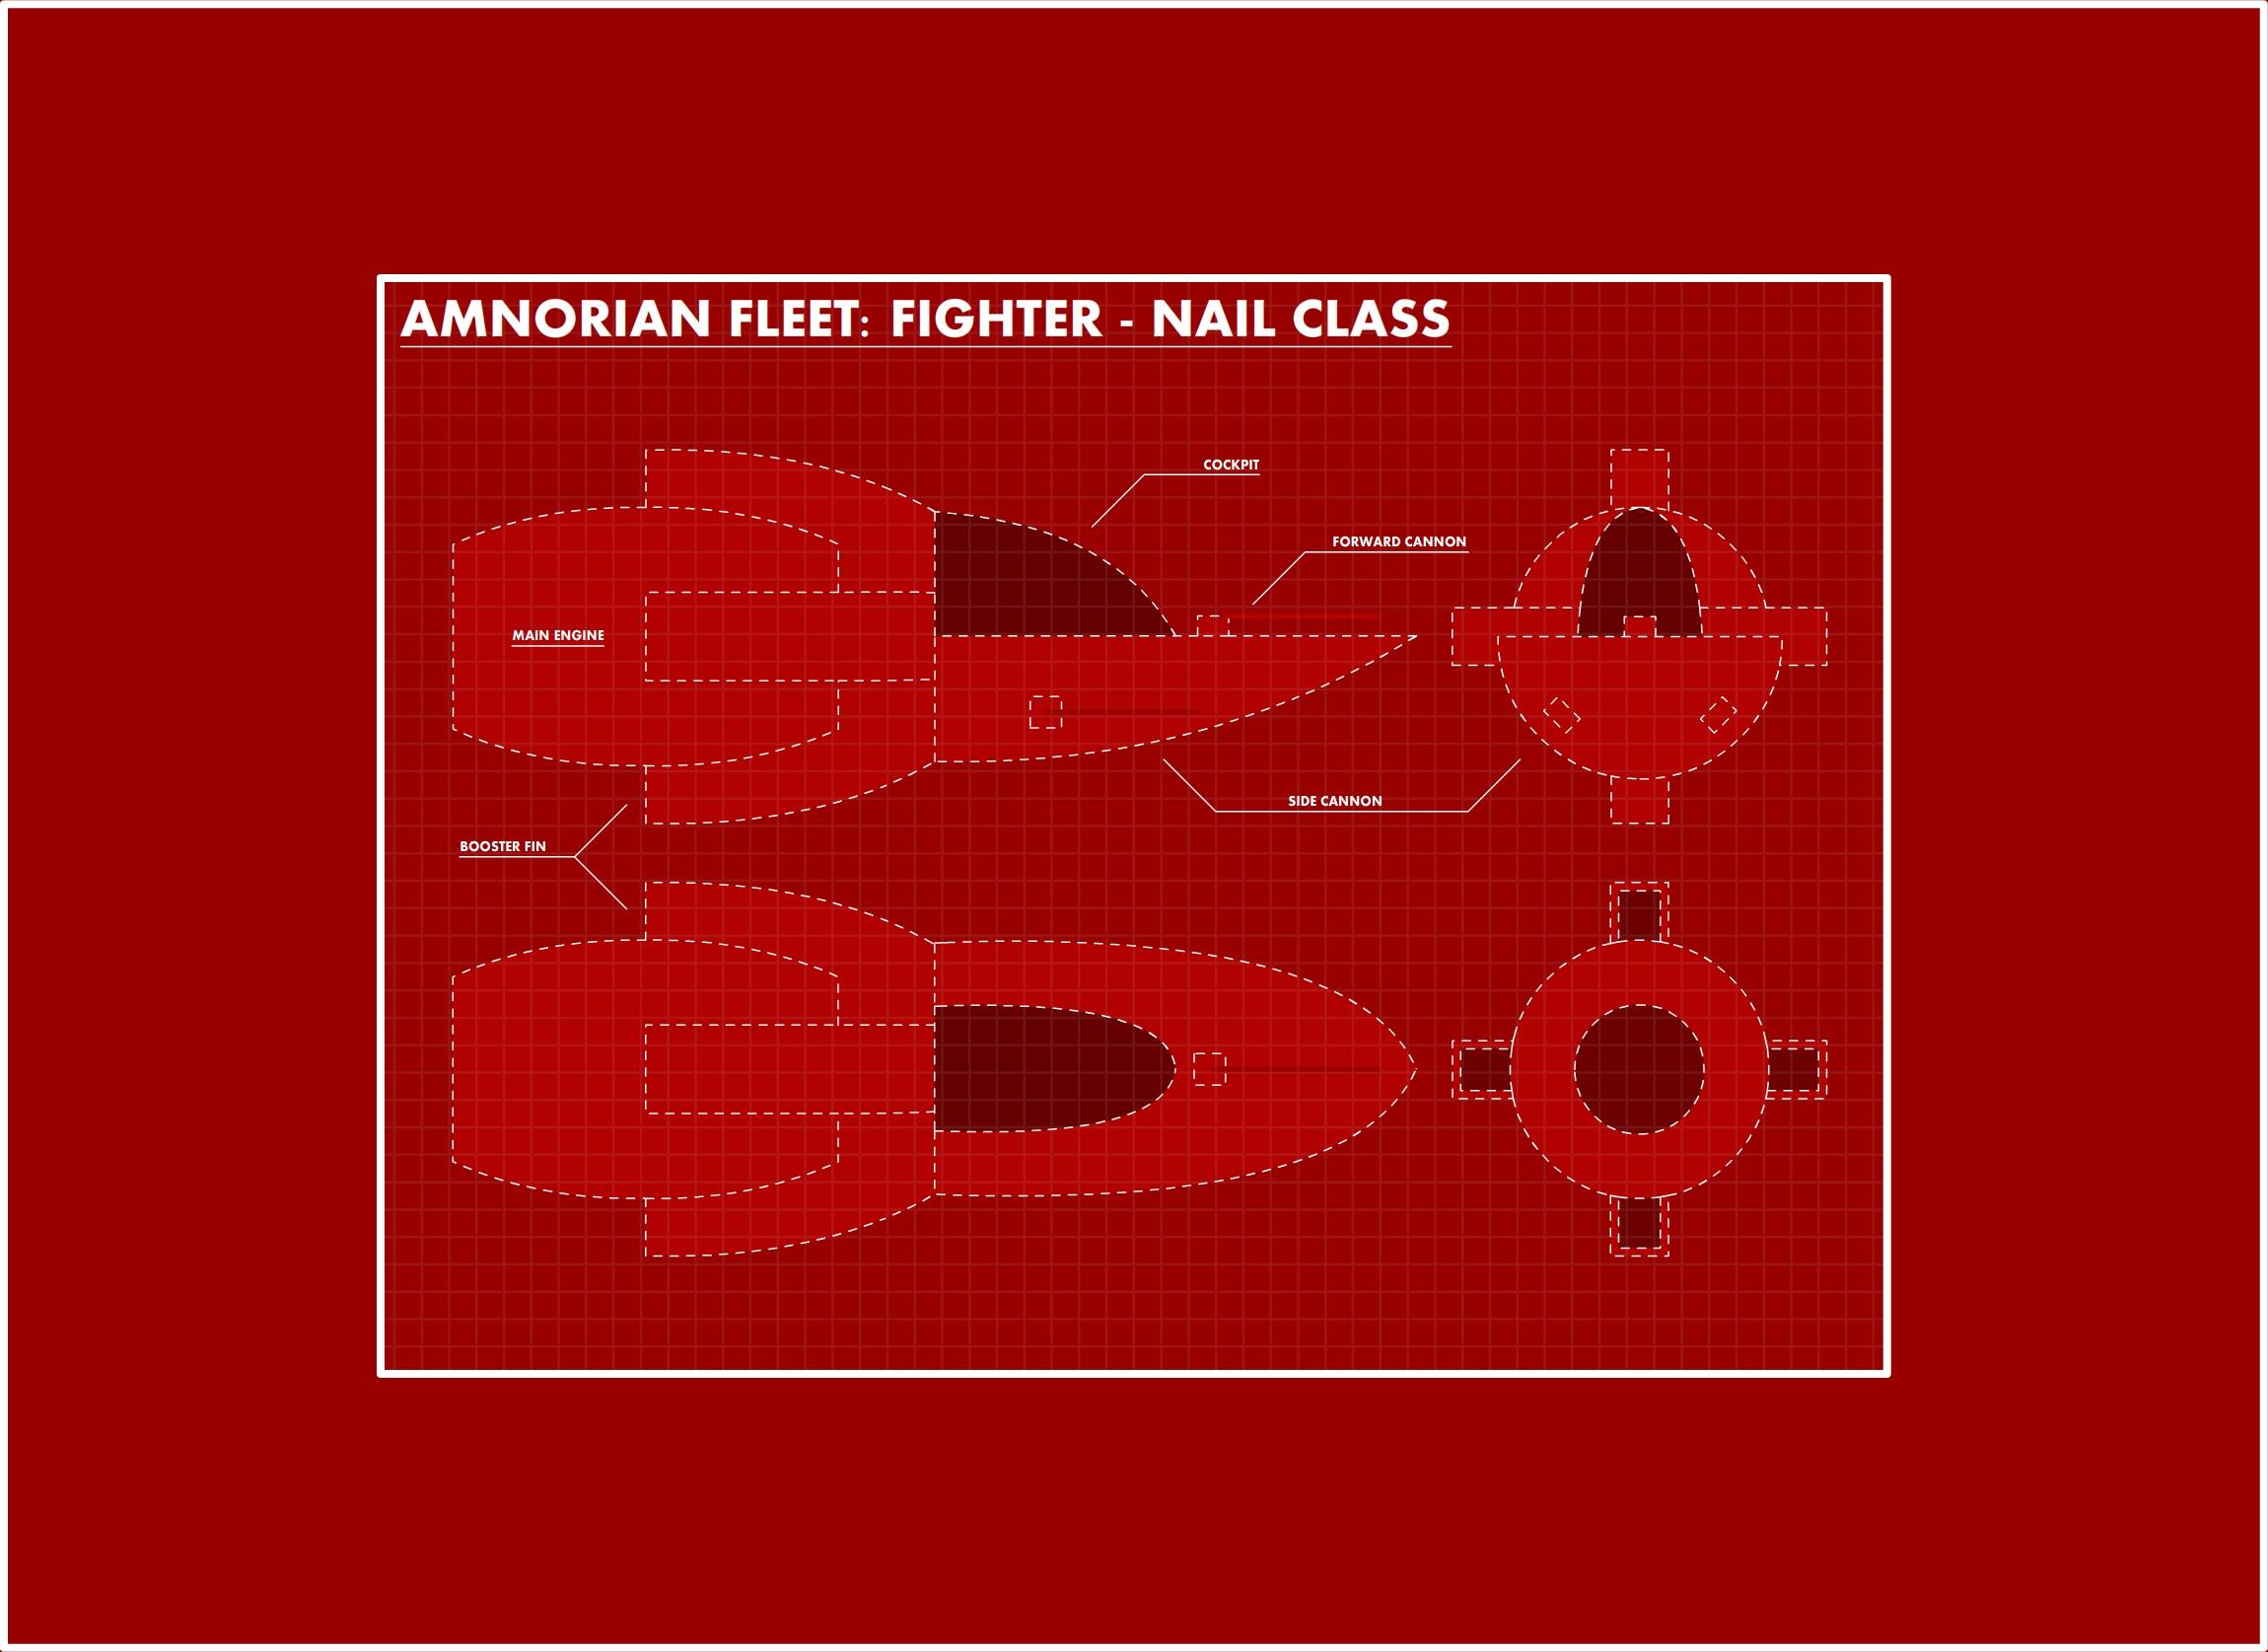 Amnorian Fleet - Fighter - Nail Class.jpg